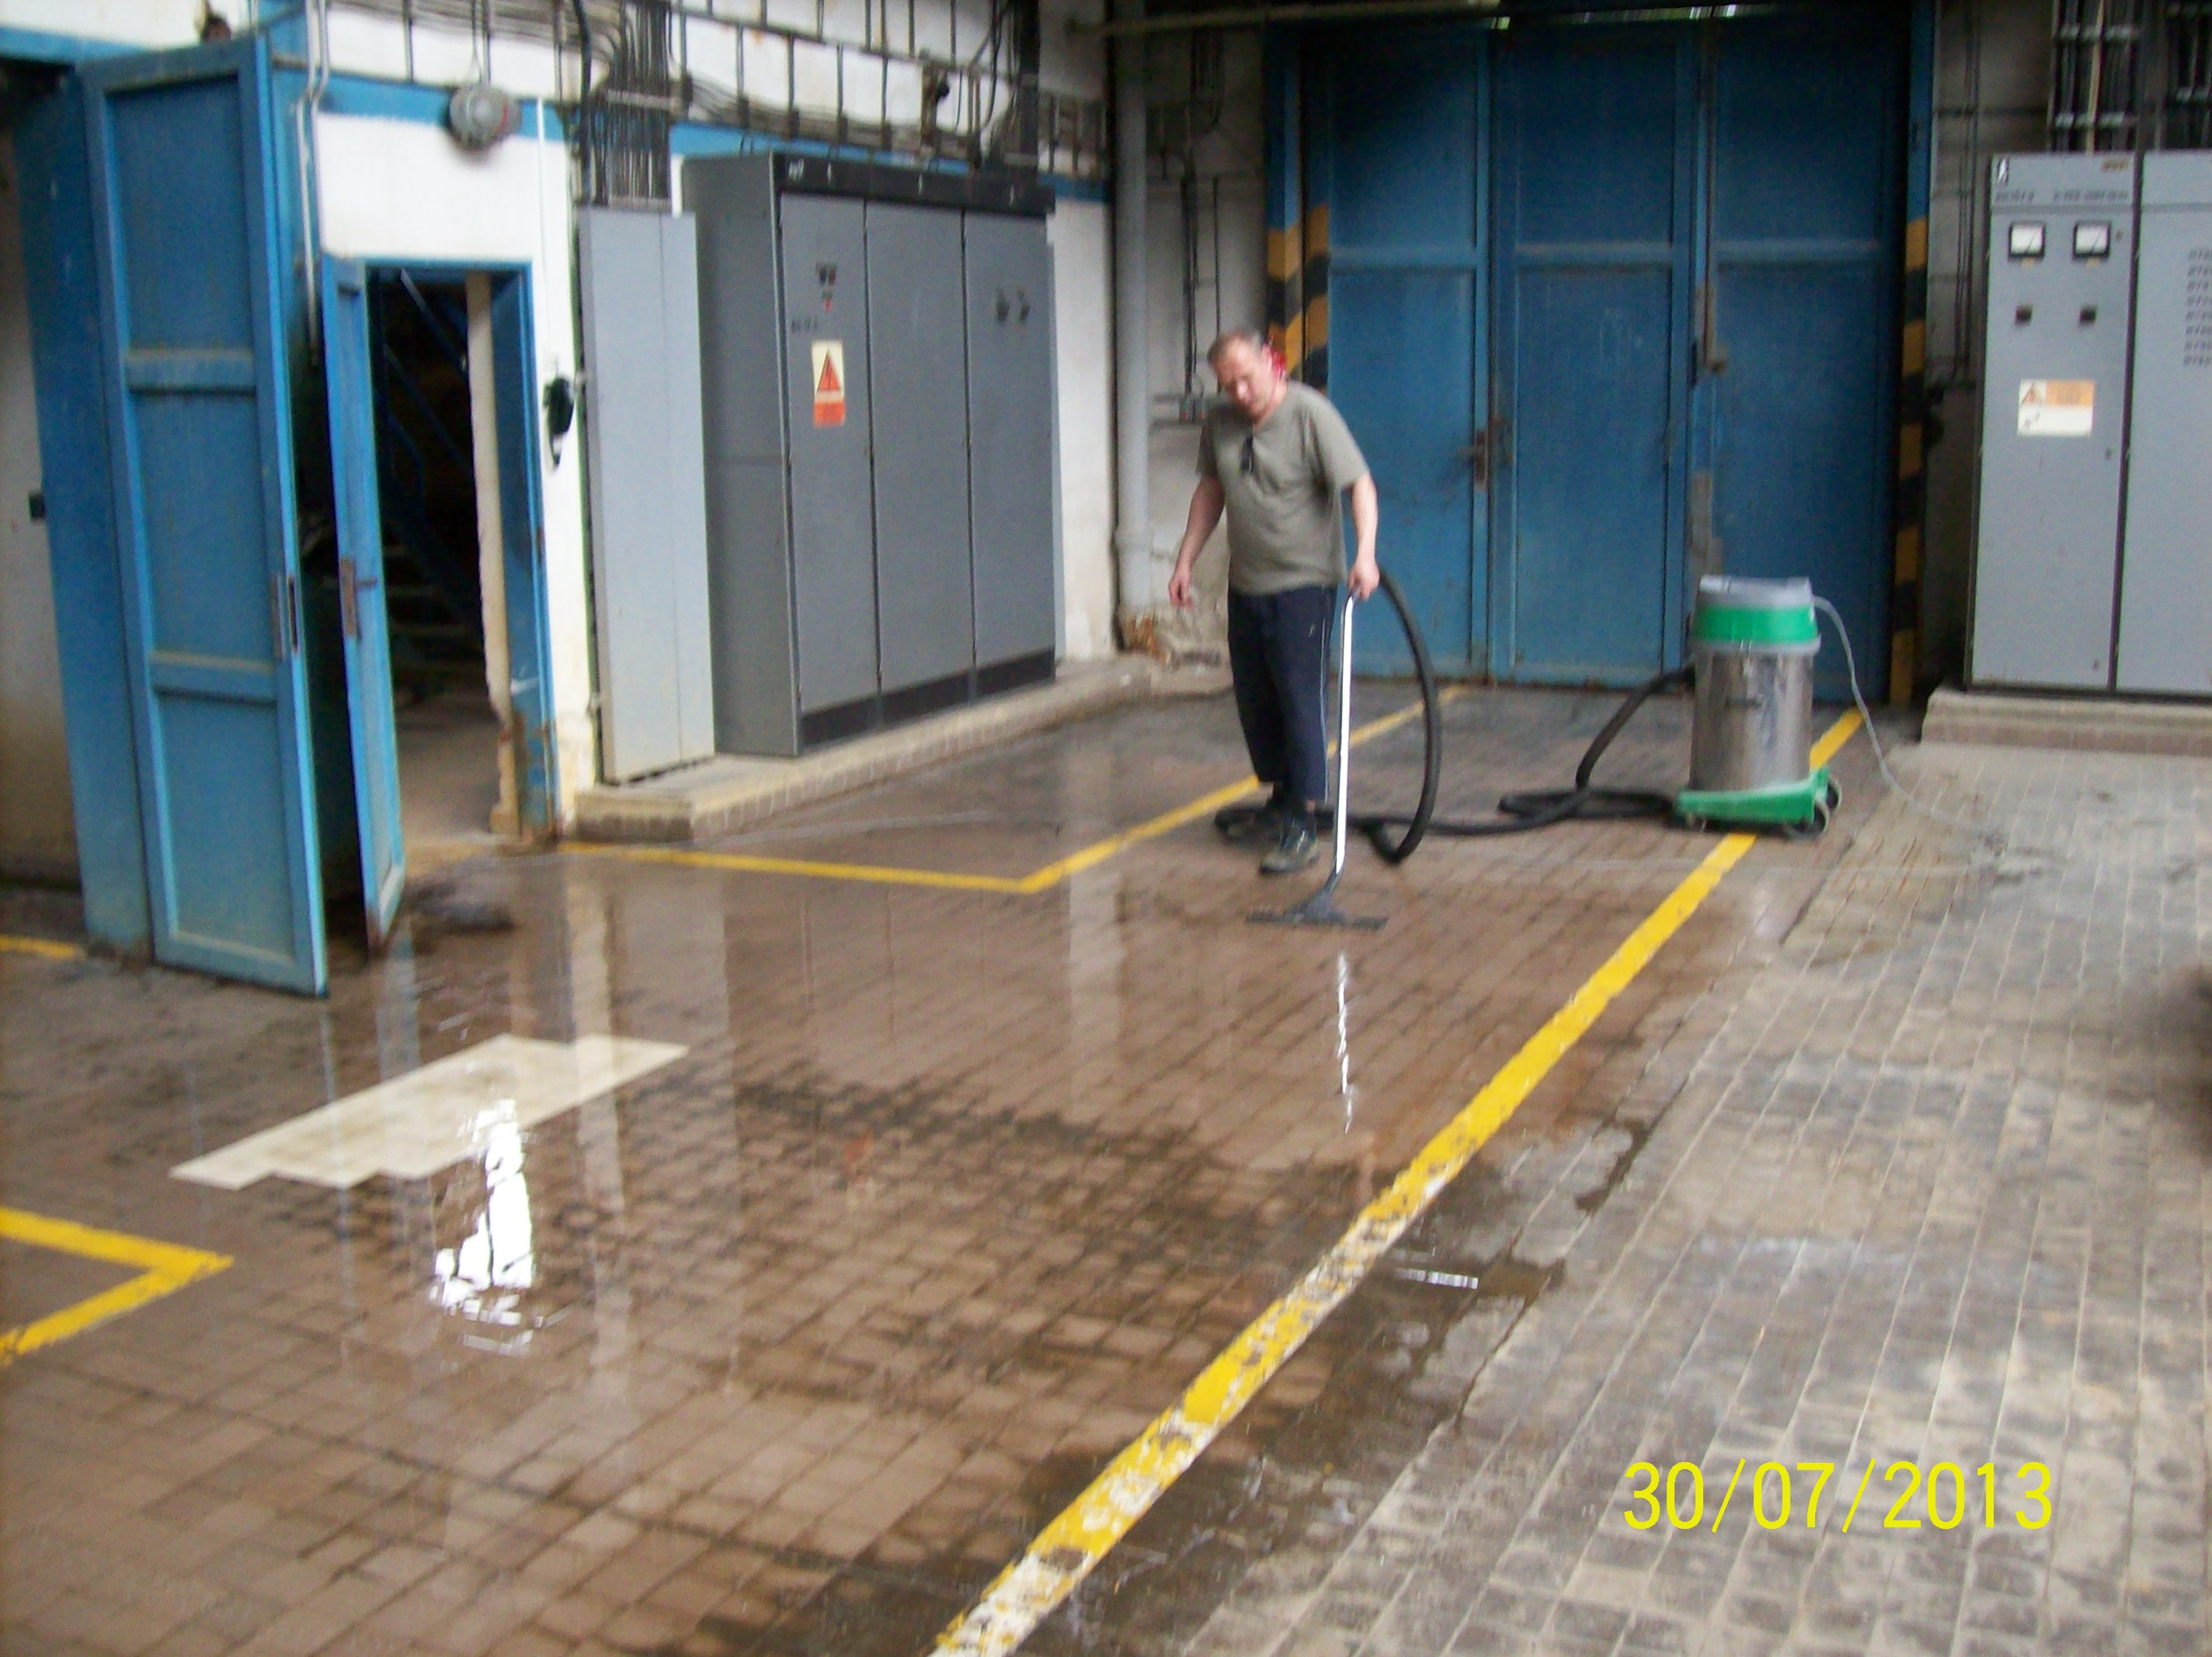 Renovace strojovým čištění podlahy Brno